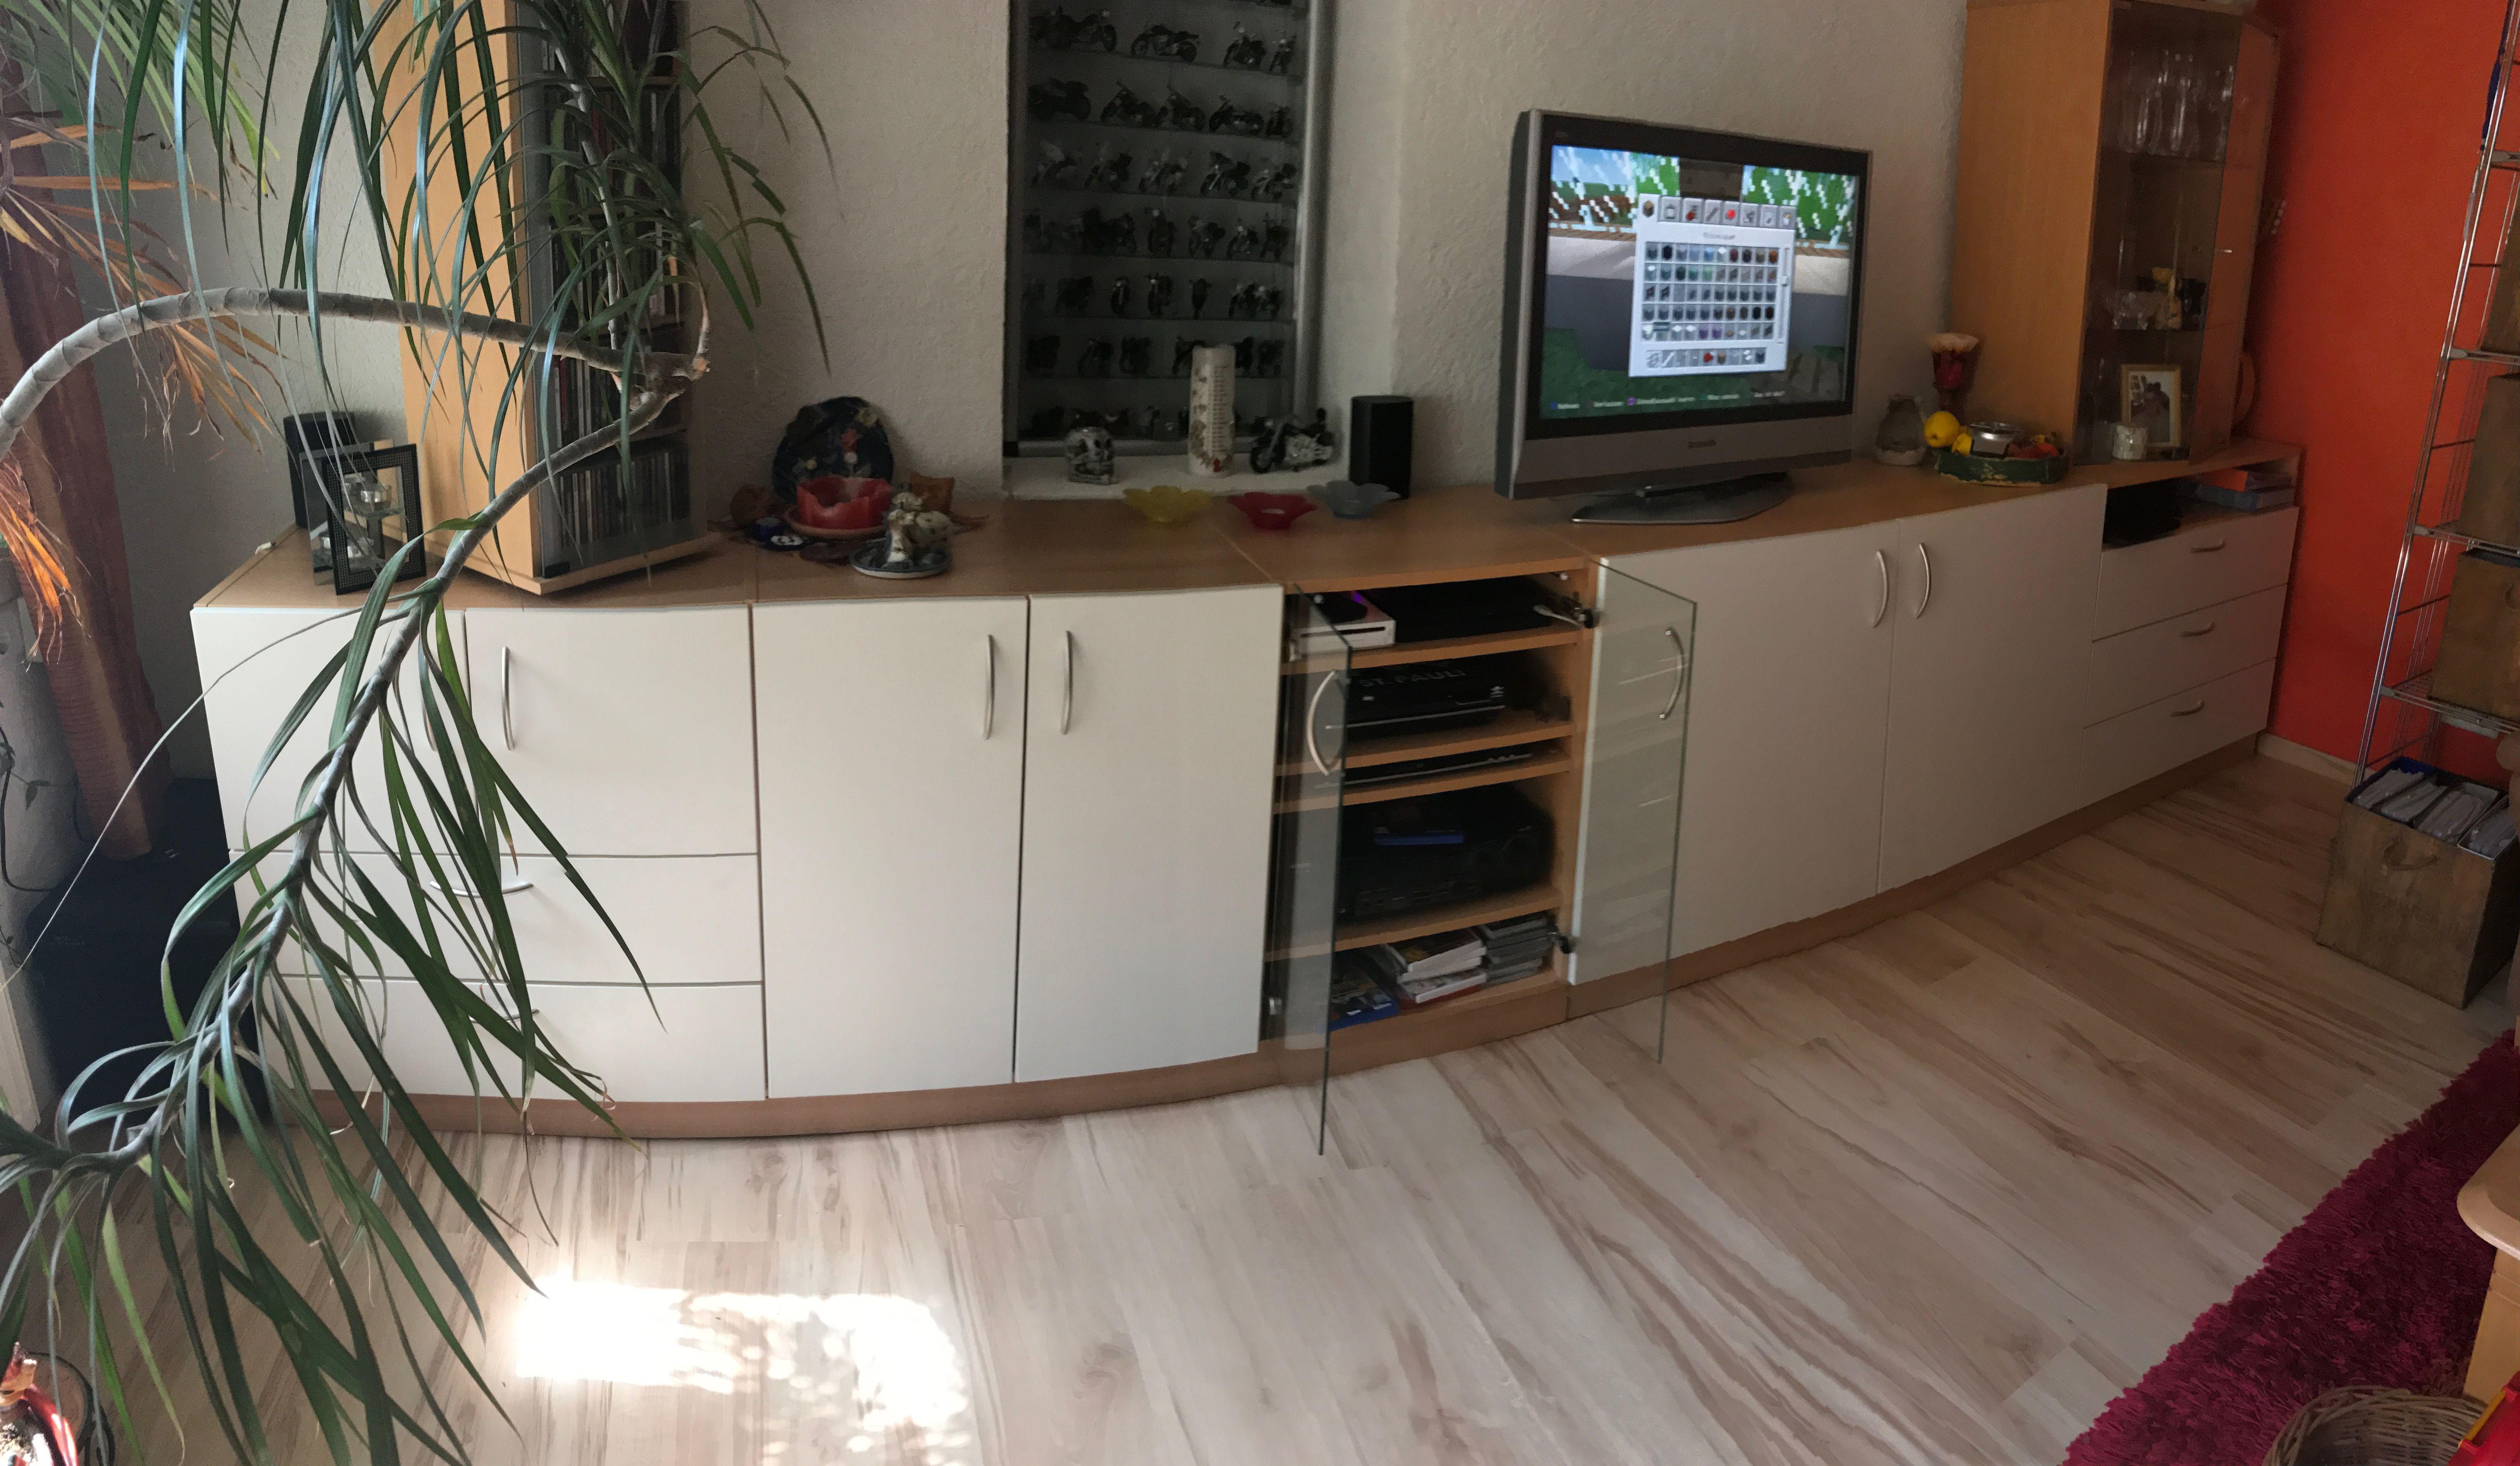 Wunderbar Sideboard Buche Weiß Referenz Von Im Dekor / Weiß Im Wohnzimmer -